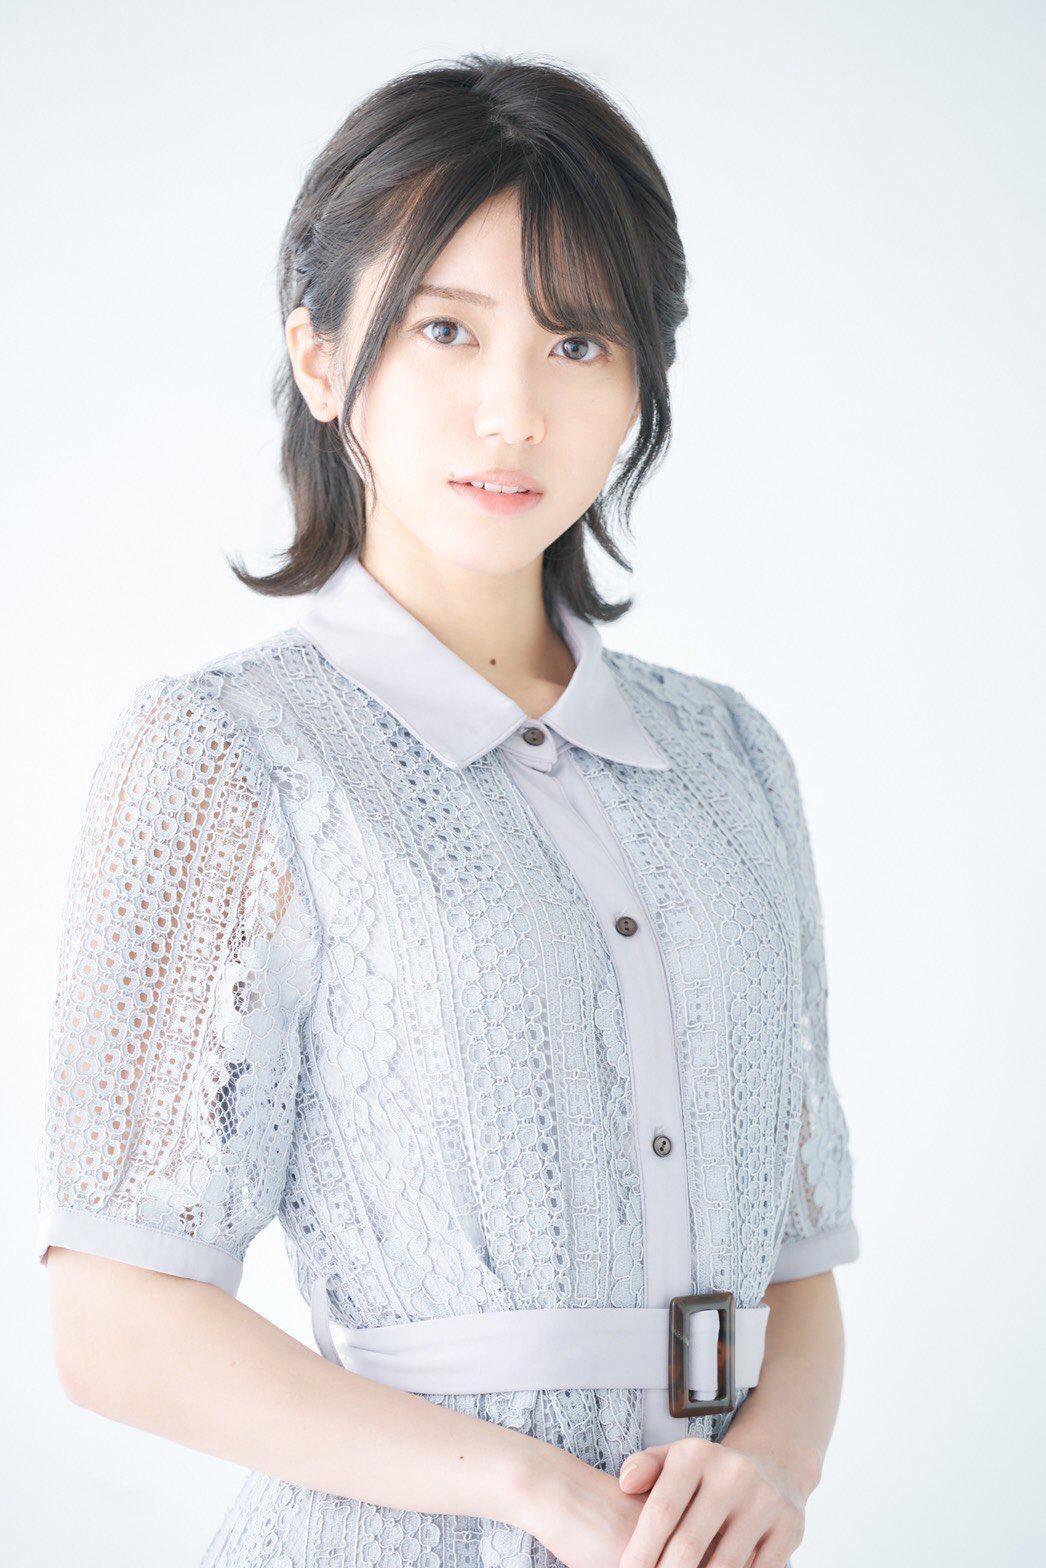 【速報】チーム8大西桃香さん事務所所属決定